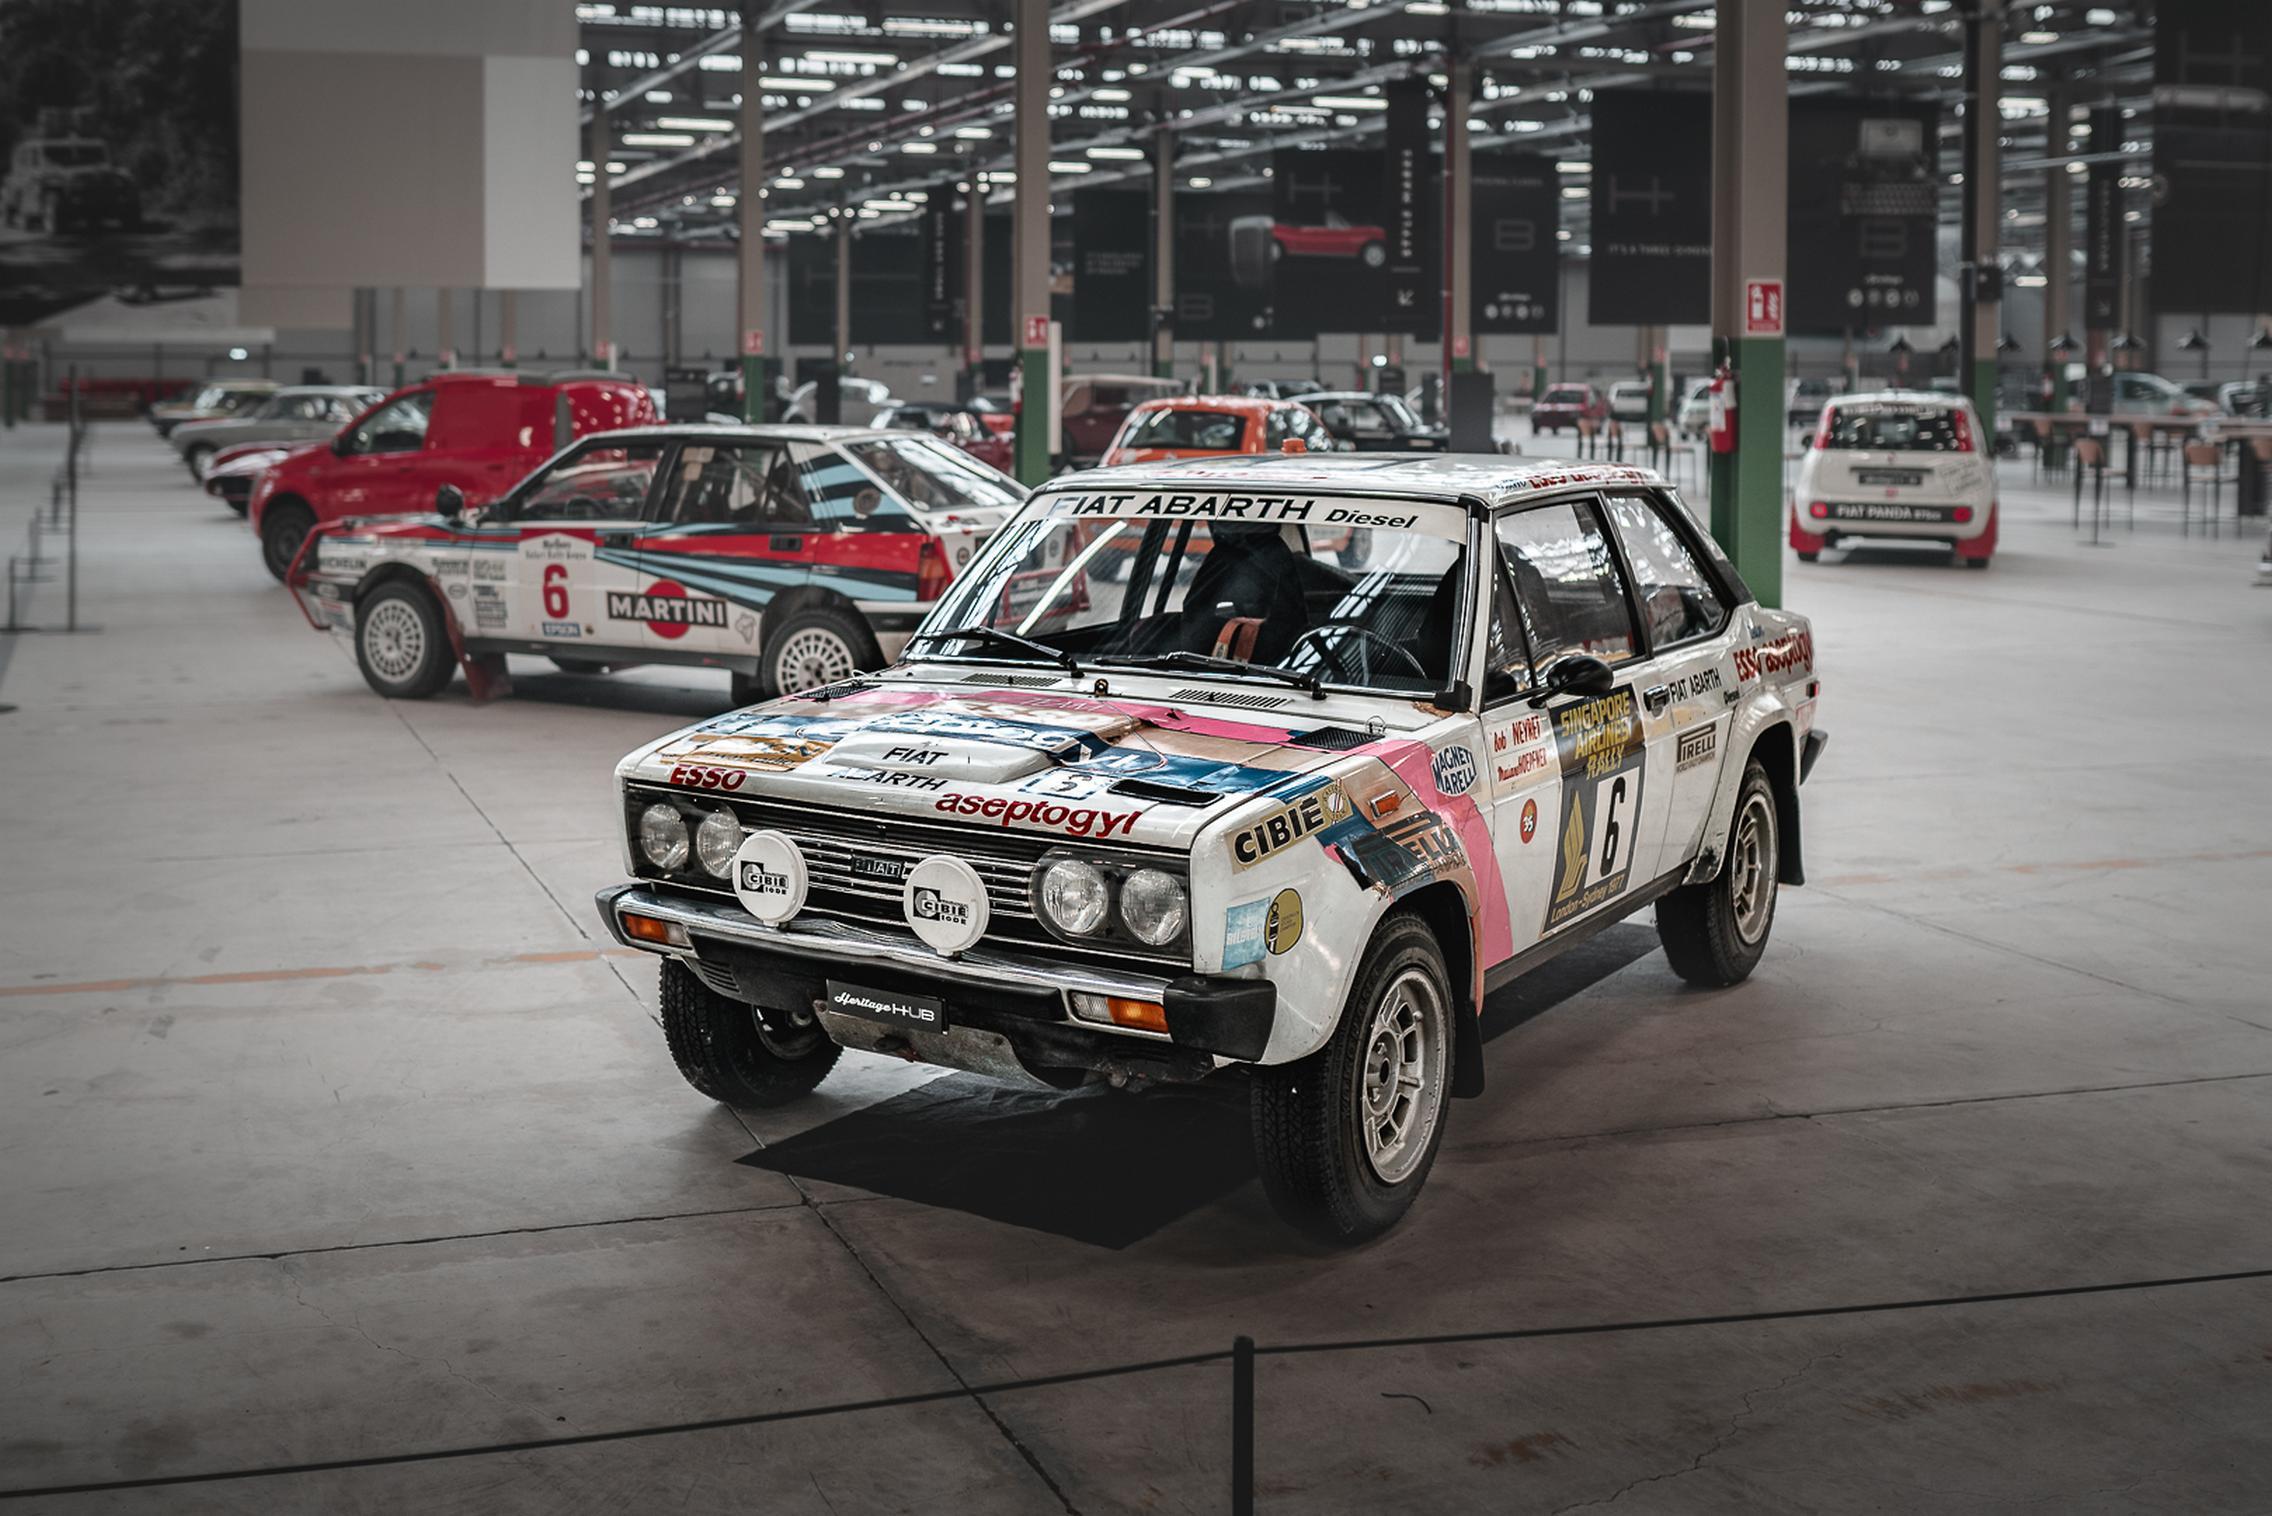 Fiat/Abarth 131 Diesel